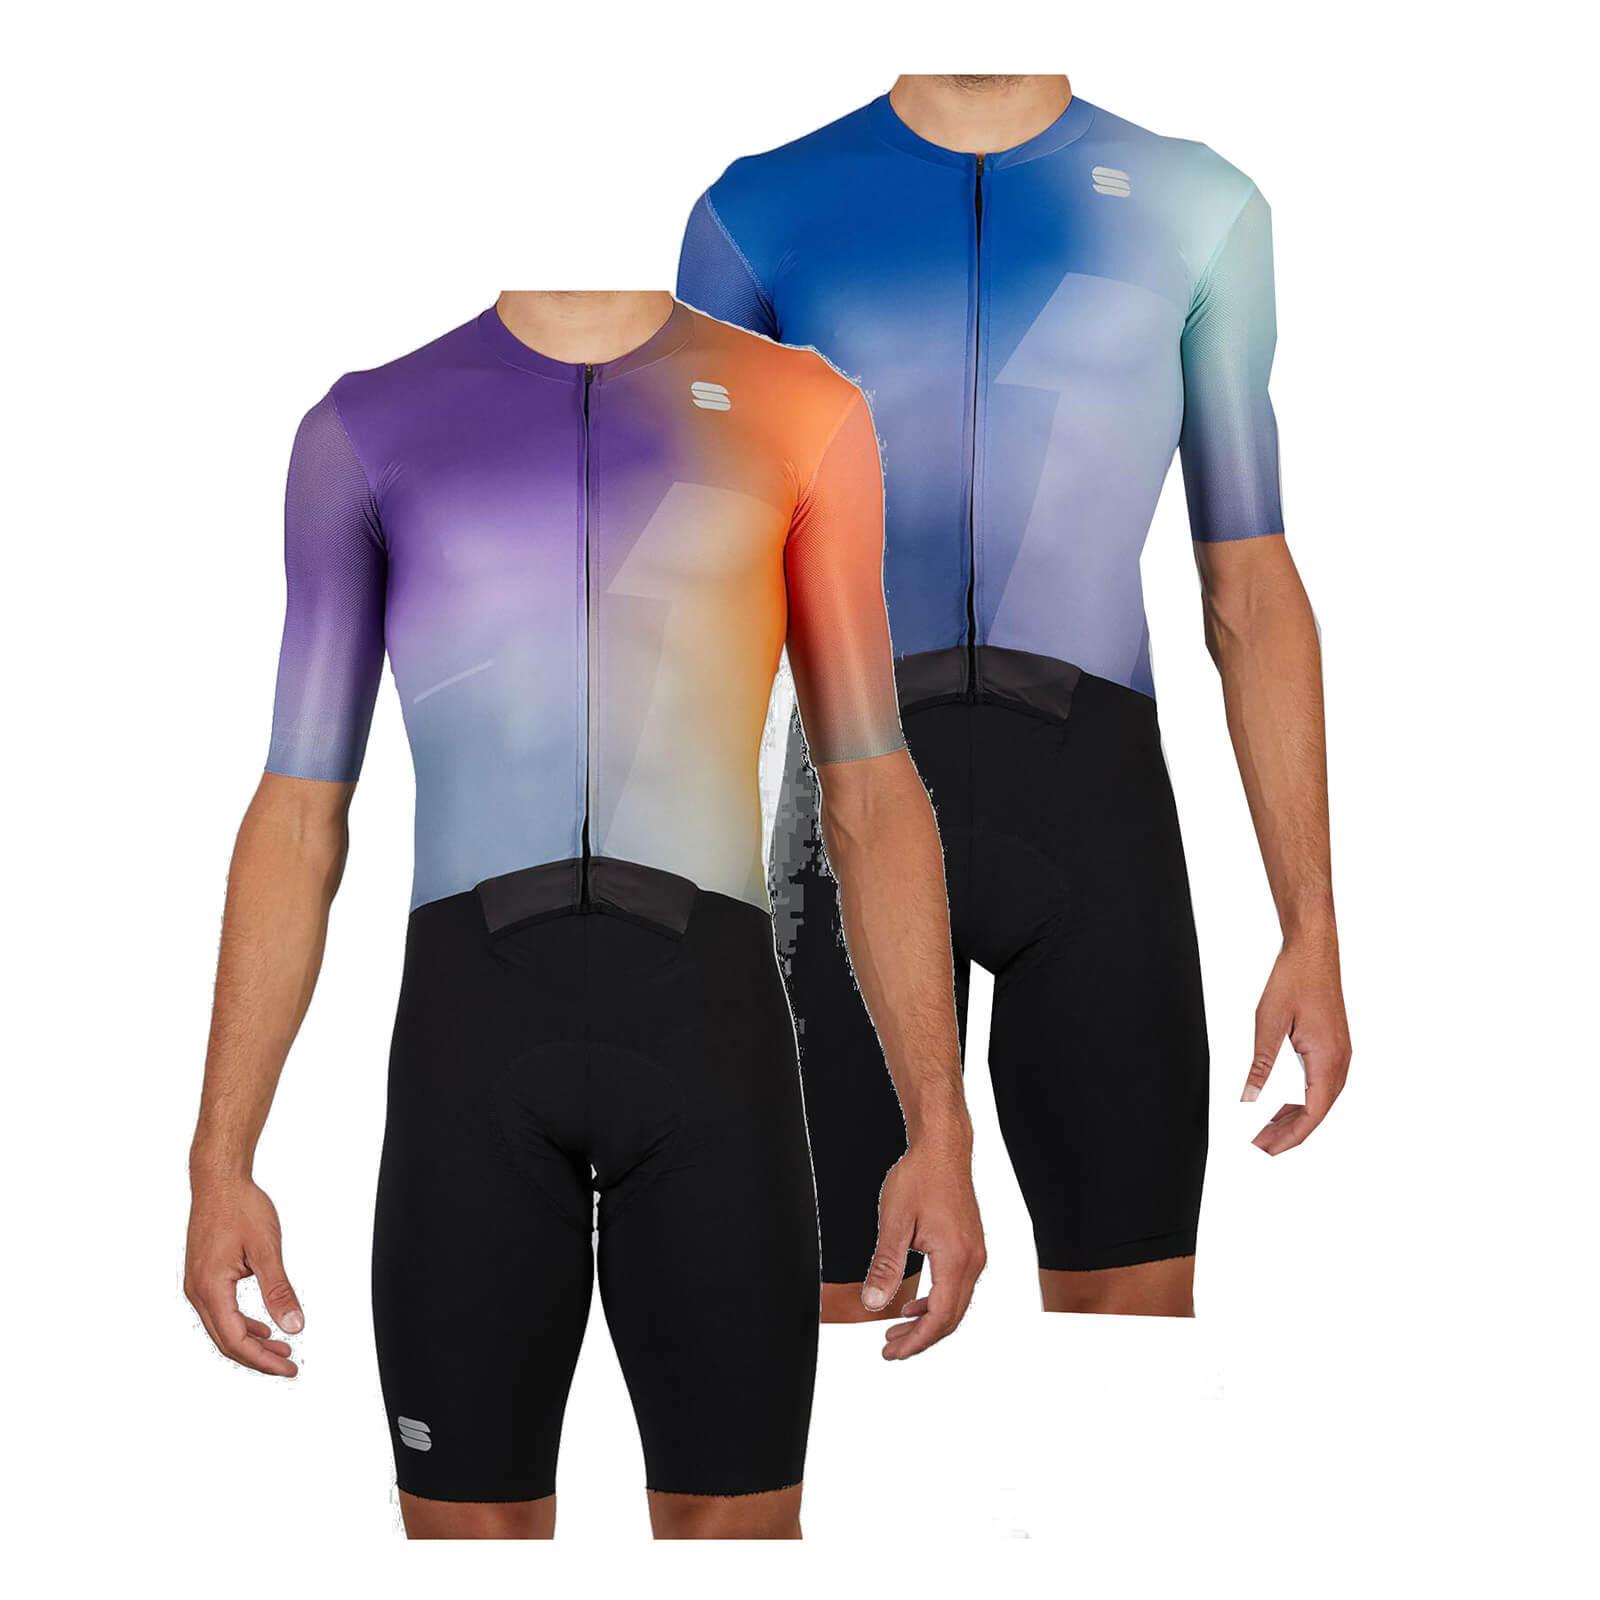 Sportful Bomber Suit - S - Orange/Violet